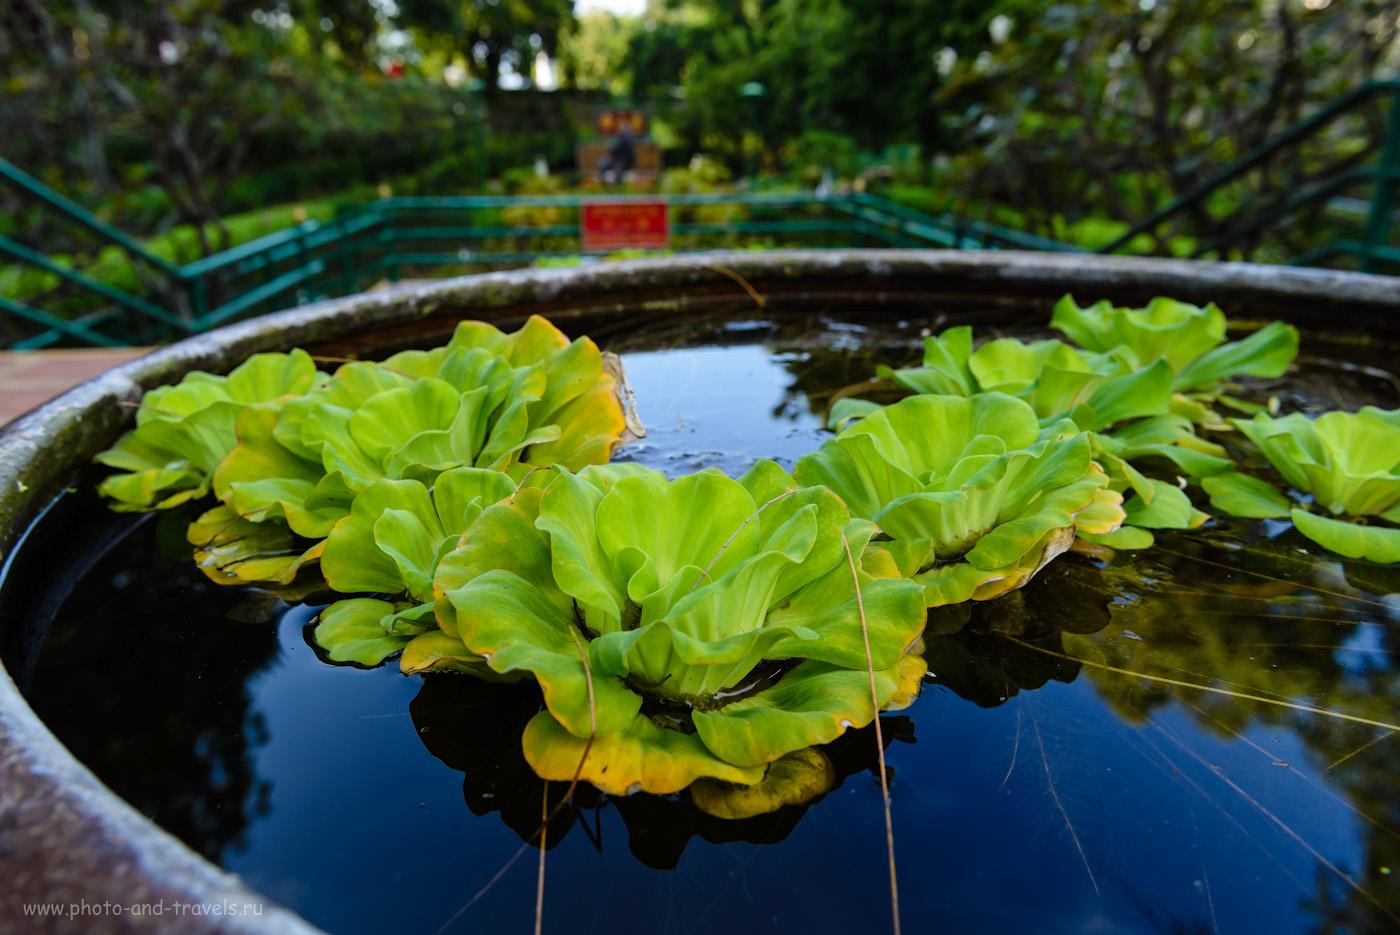 Фотография 11. Водяная капуста в саду Zhong Sun Gardens в парке Wang Sam Sien в Паттайе. Как мы ходили смотреть на Большого Будду, что сидит на вершине холма Пратамнак и на смотровую площадку. 1/50, 8.0, 180, 24.